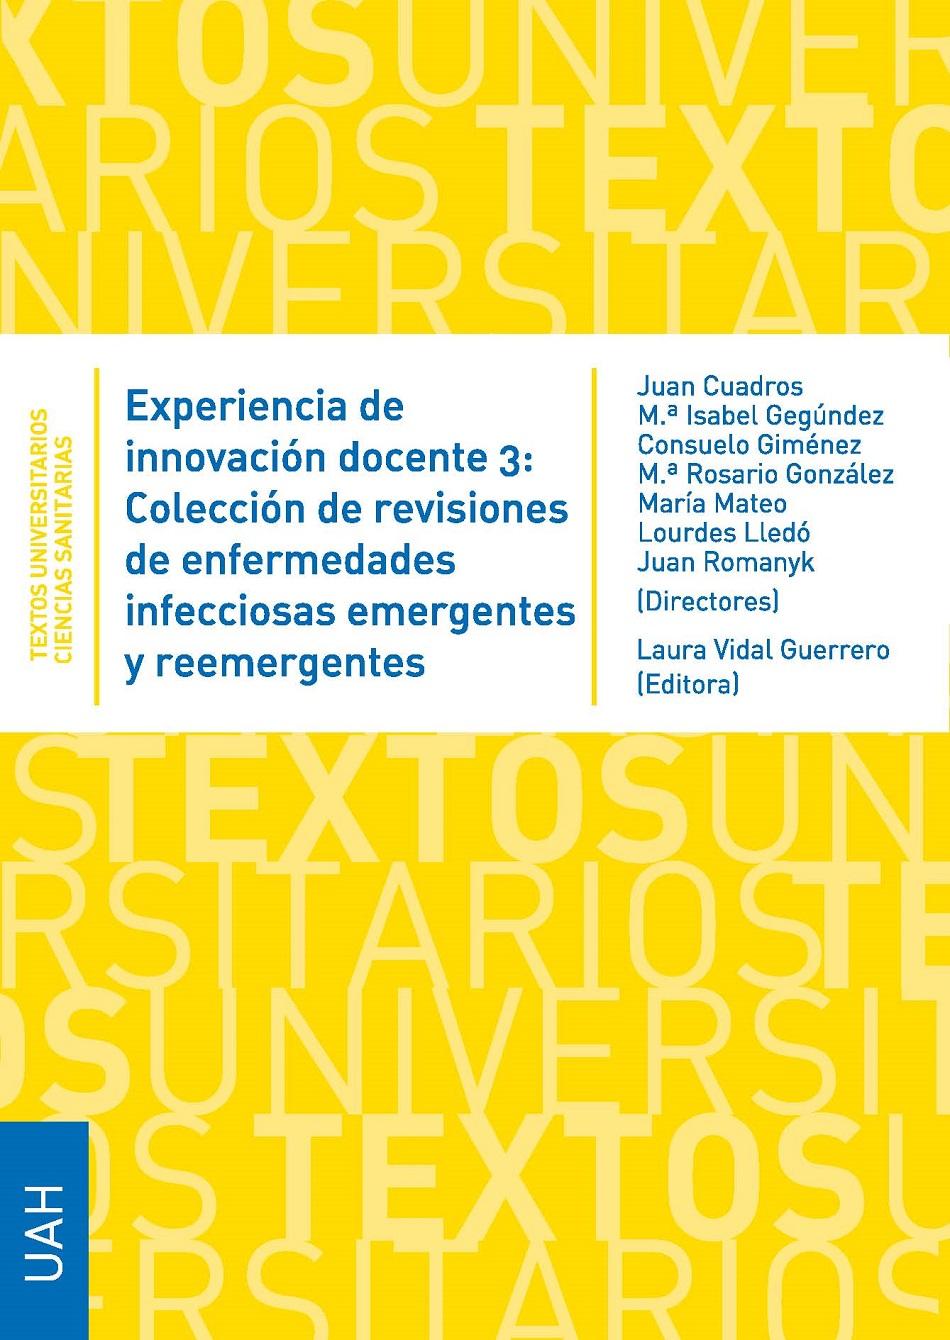 Experiencia de innovación docente 3: Colección de revisiones de enfermedades infecciosas emergentes y reemergentes